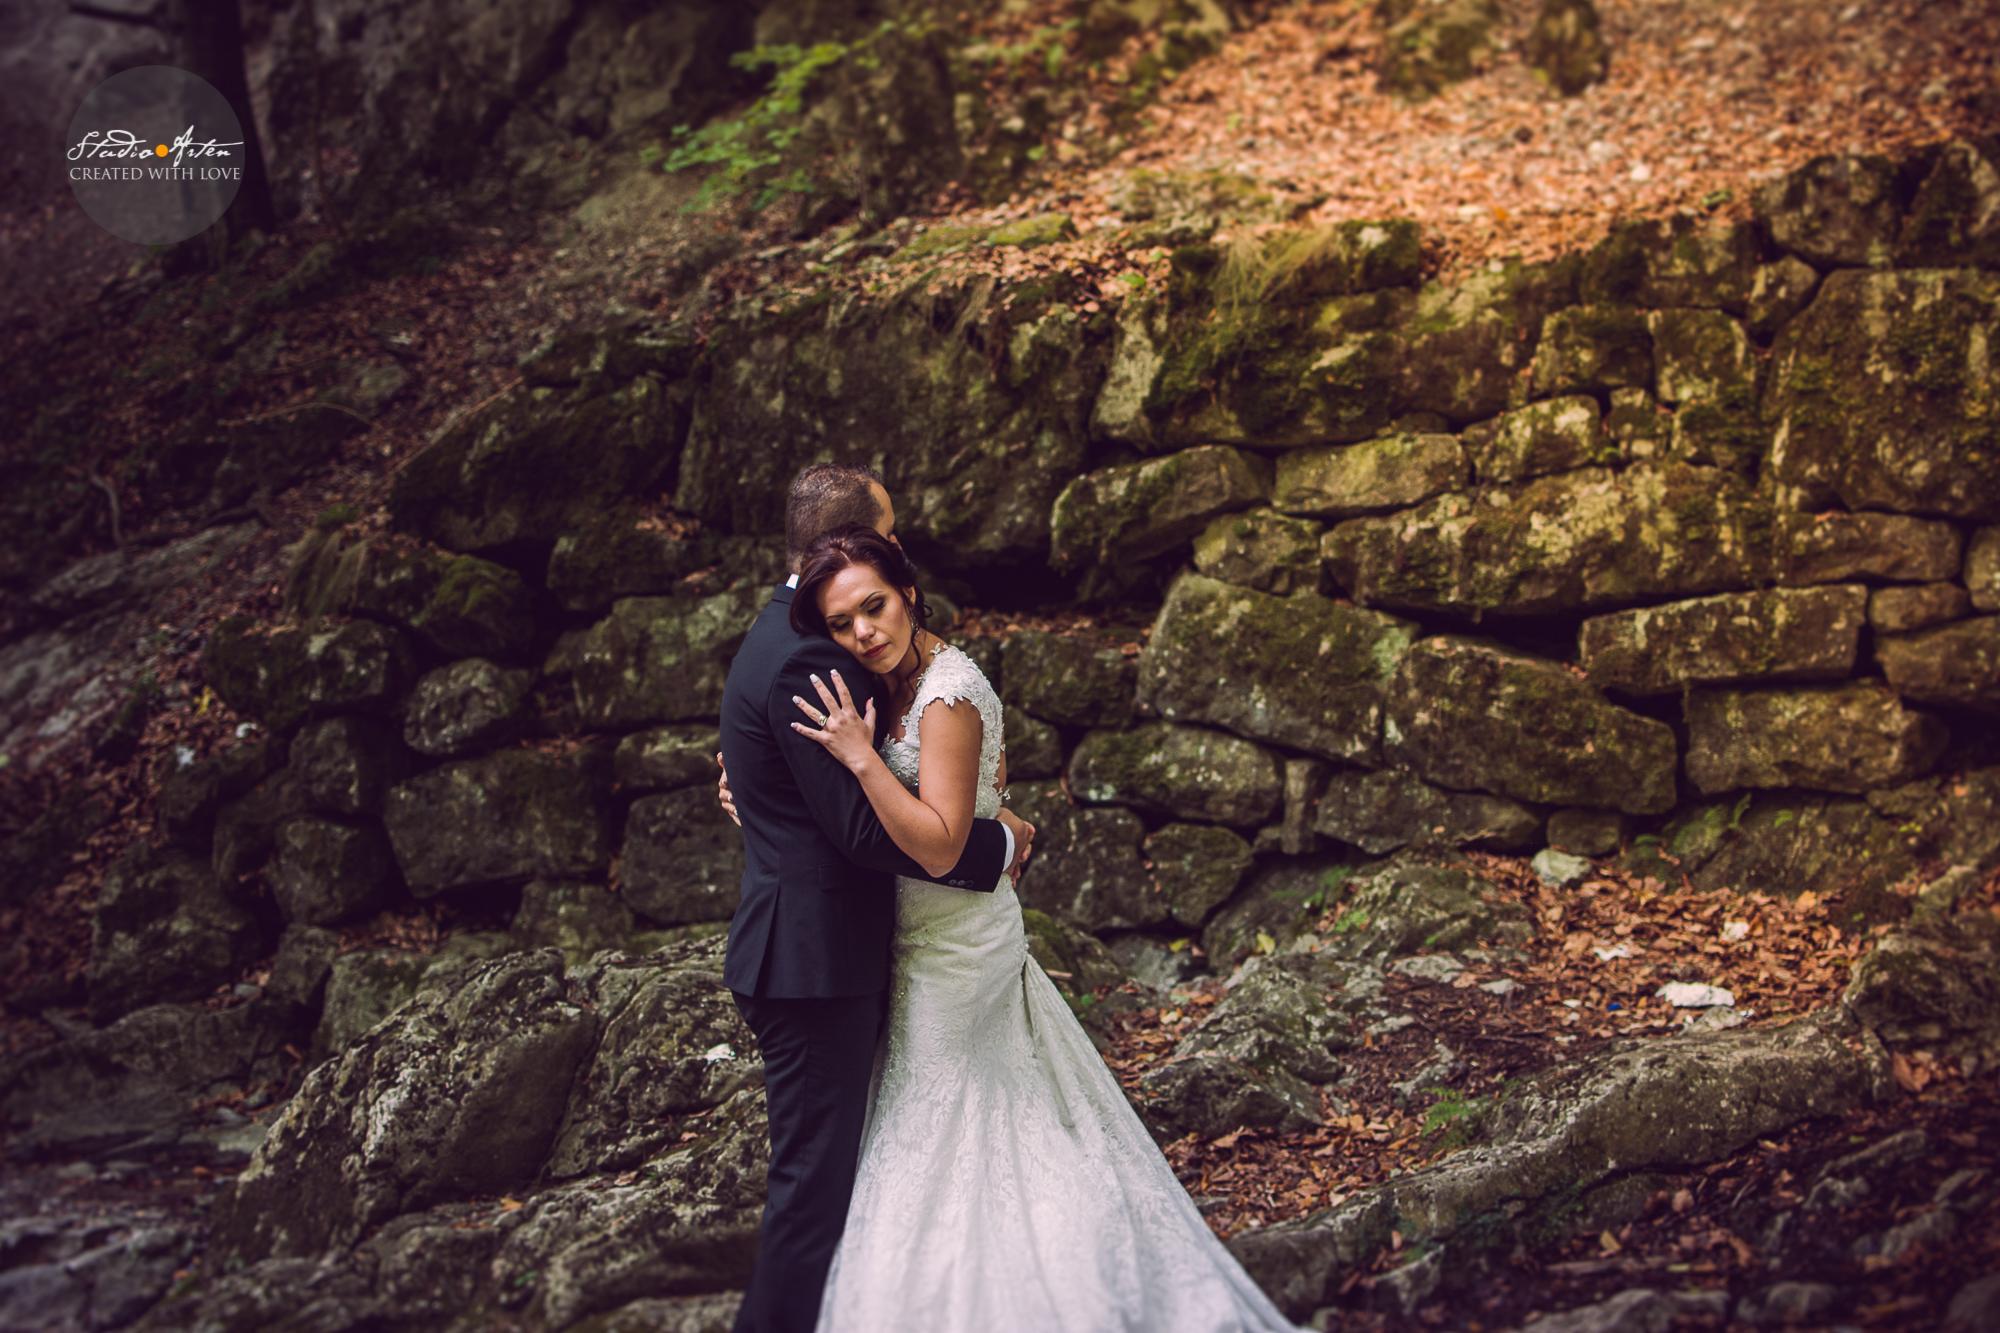 Fotografie nunta mures, eskuvo fenykepesz,sedinta foto nunta, fotografii nunta, fotografii profesionalae Studio Arten